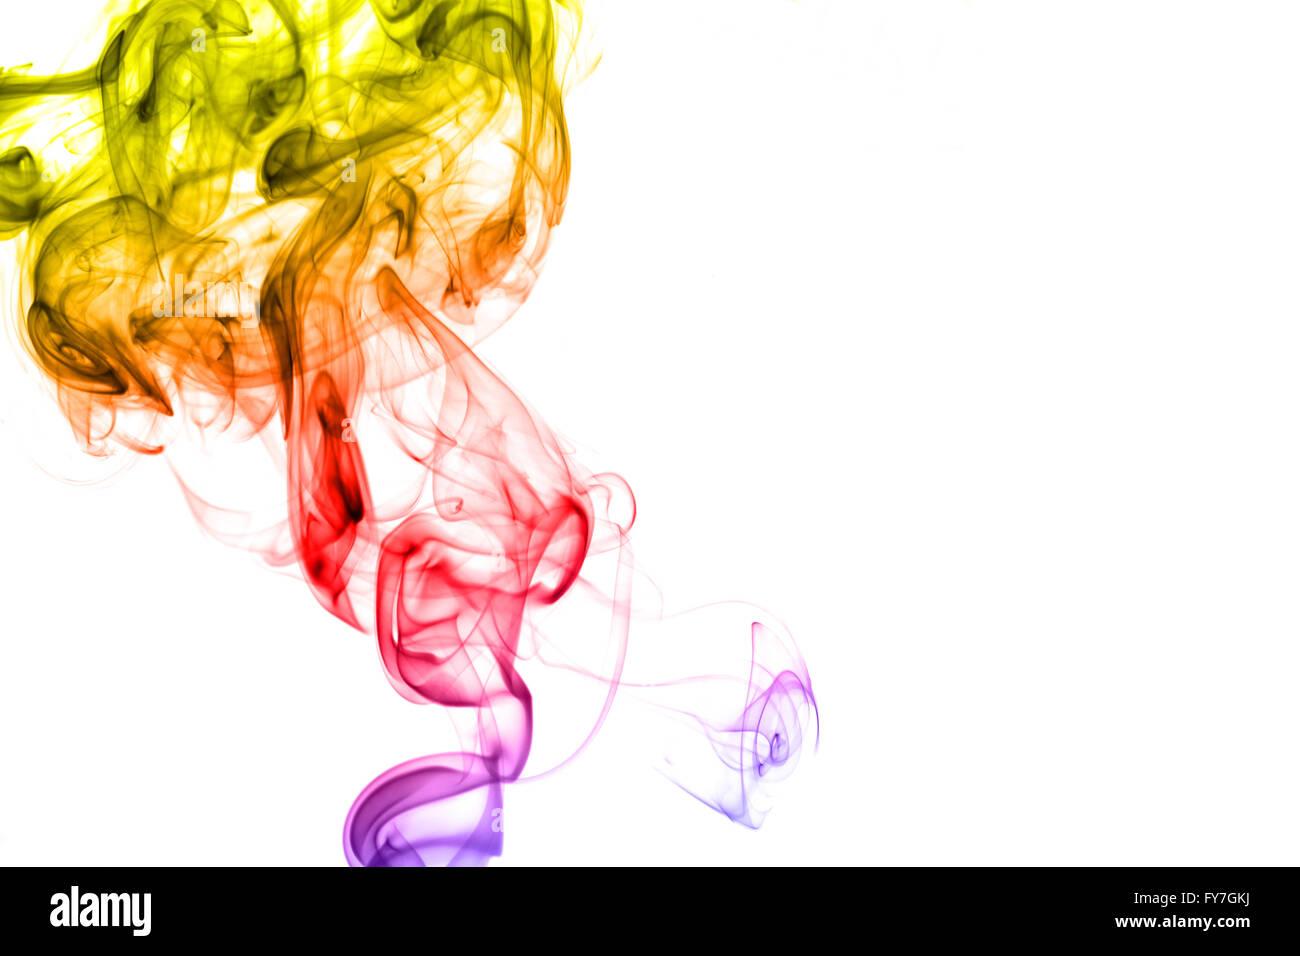 Regenbogen Rauchen isolierten auf weißen Hintergrund Stockbild